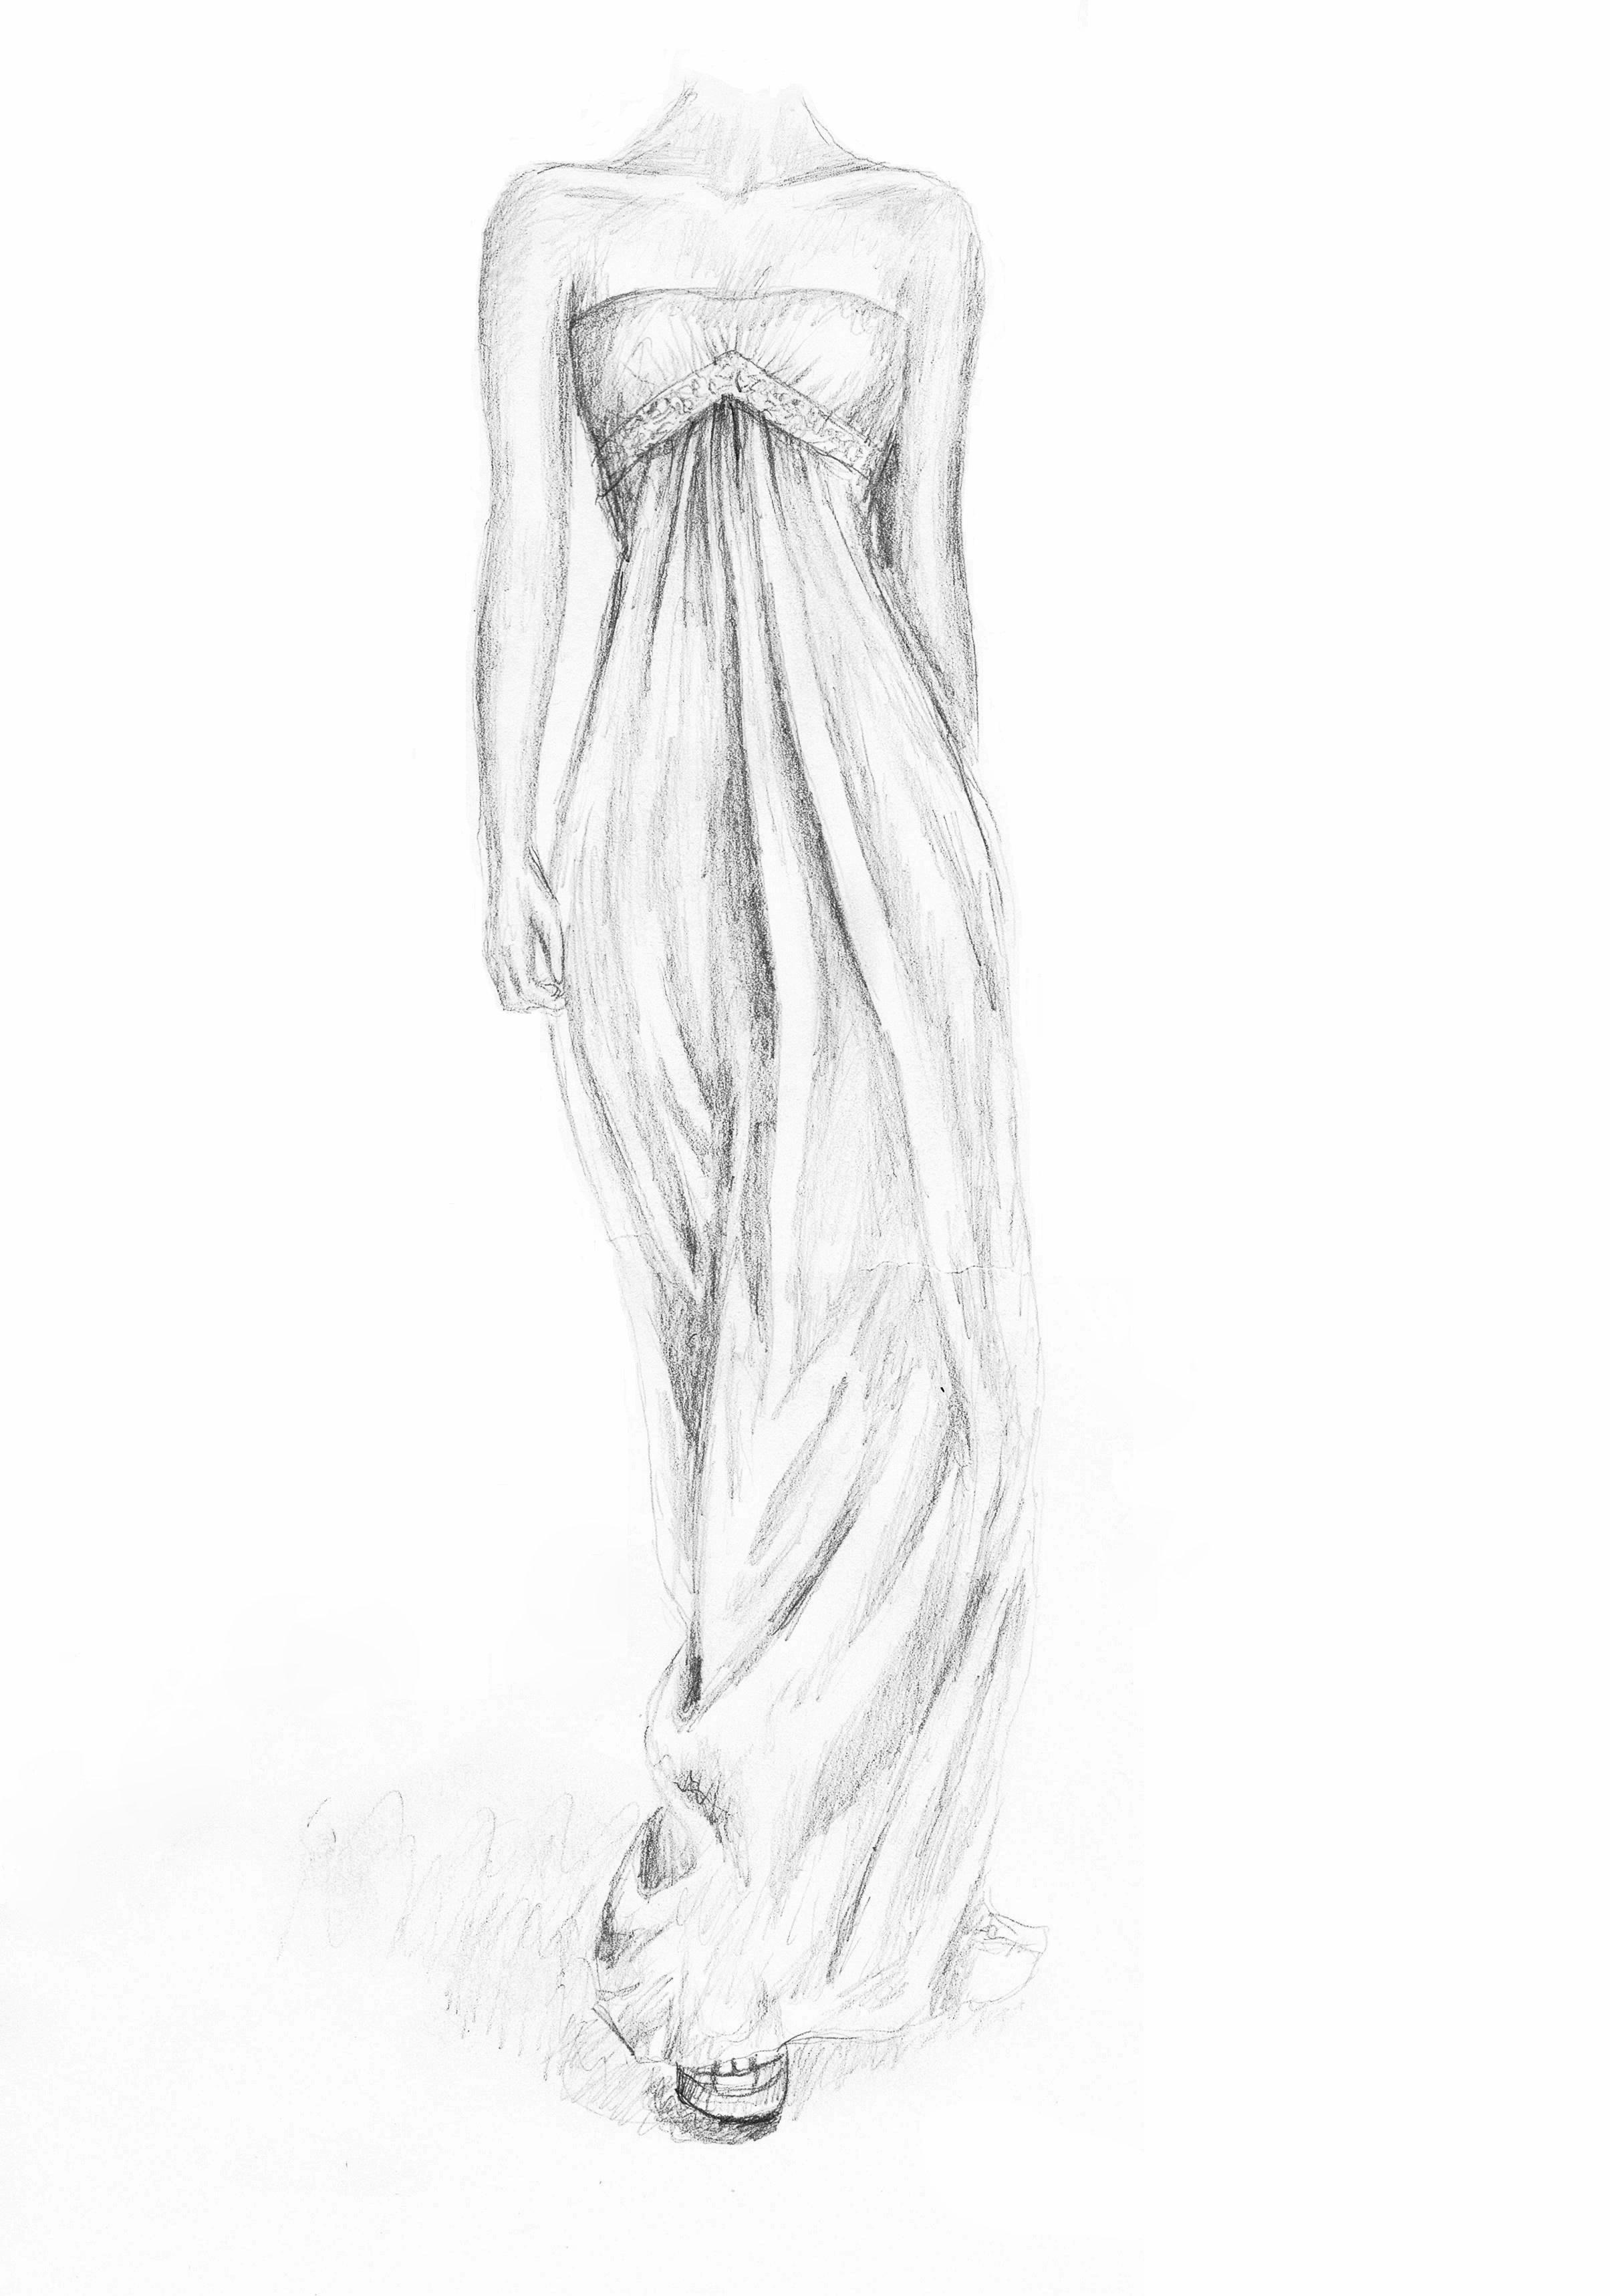 Drawing chiffon dress chiffon dress drawing sketches chiffon gown